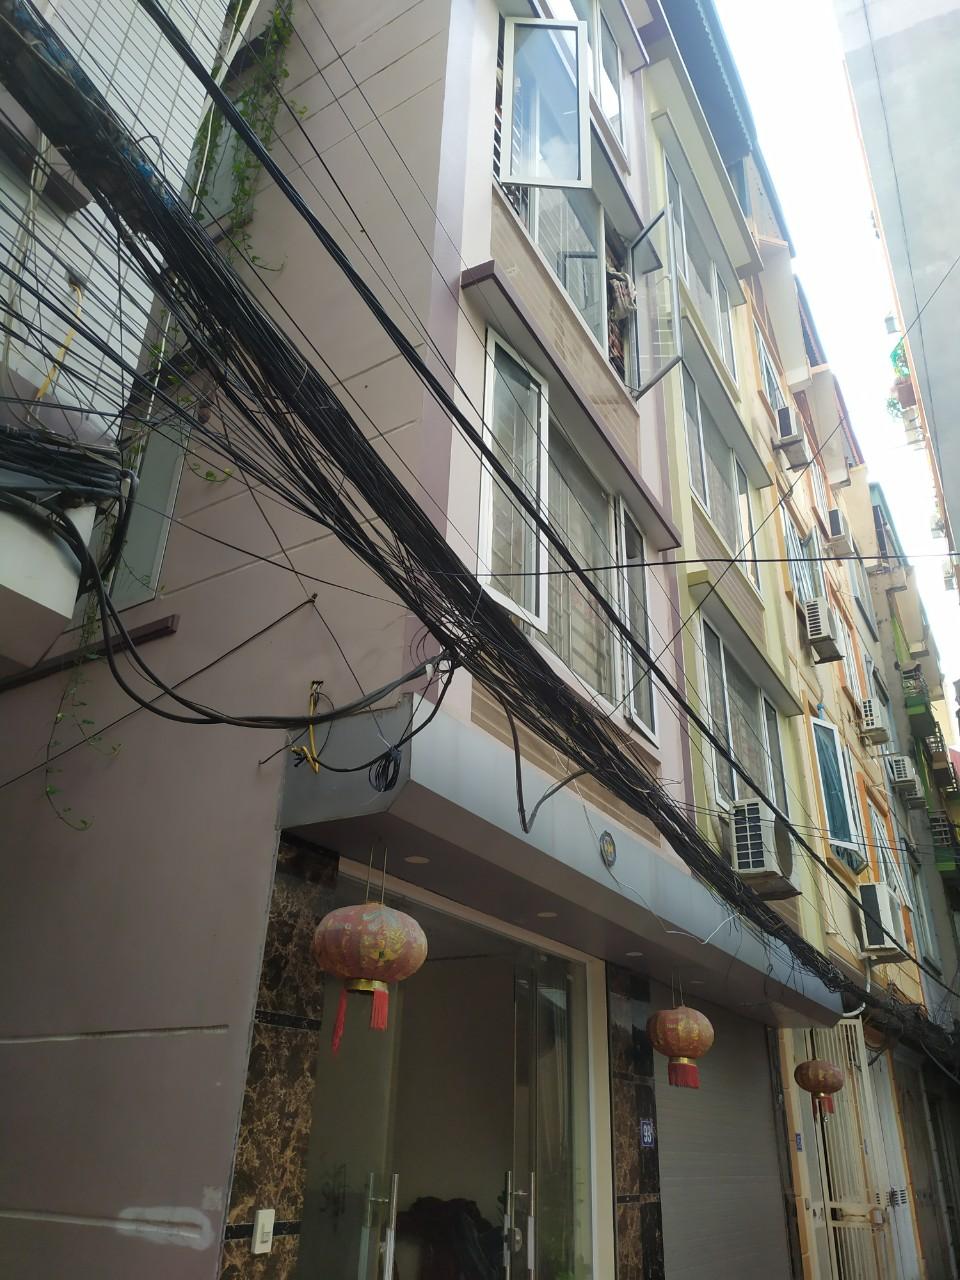 Bán nhà phố Khương Trung, 30/36m, 5T, mt 6m, giá 3.4 tỷ - 0916621470